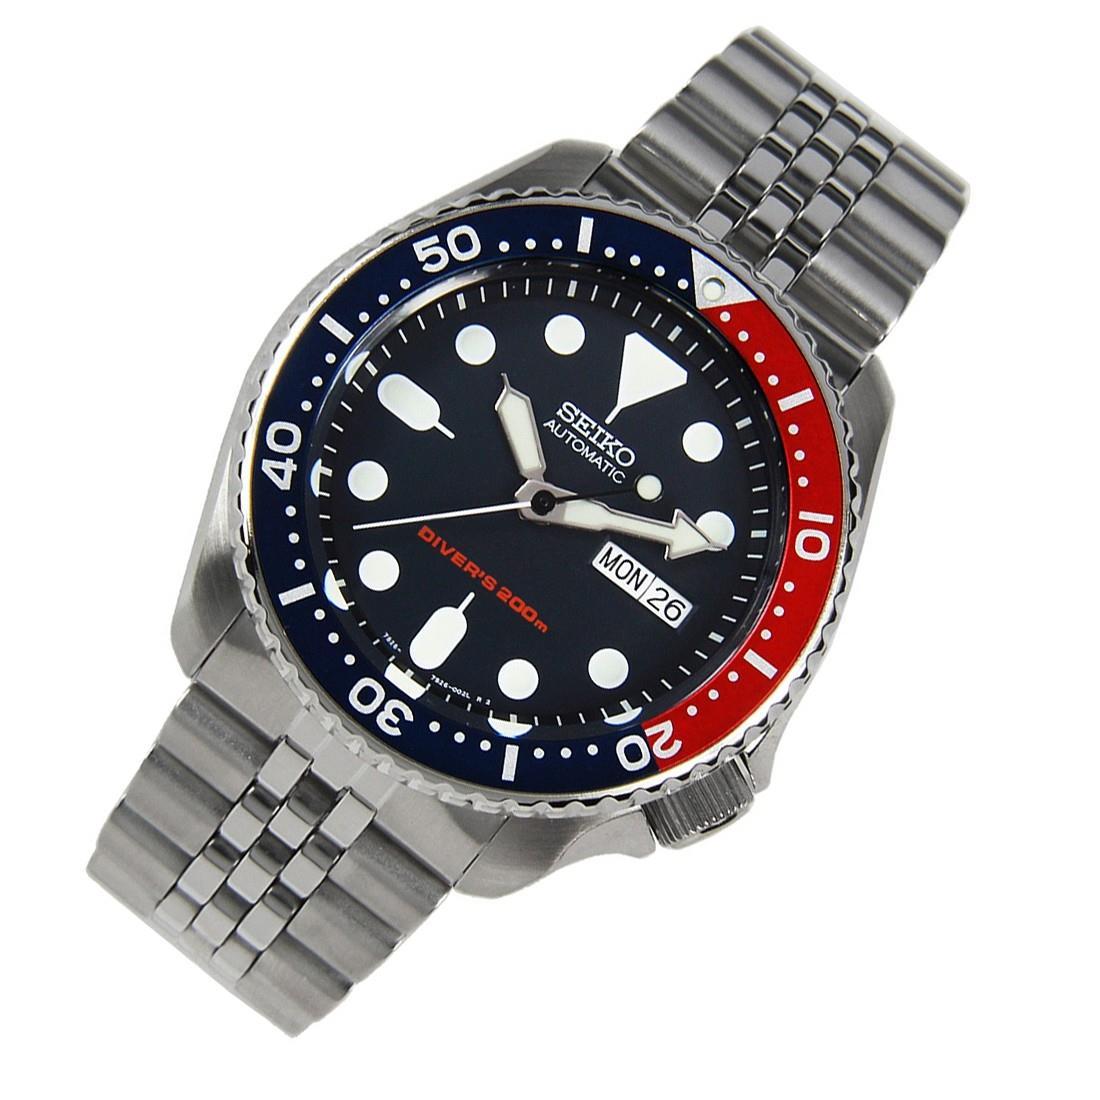 TOP-SELLING-Seiko-SKX009-SKX009J1-SKX009J2-SKX009K1-SKX009K2-Pepsi-Dive-Watch thumbnail 33